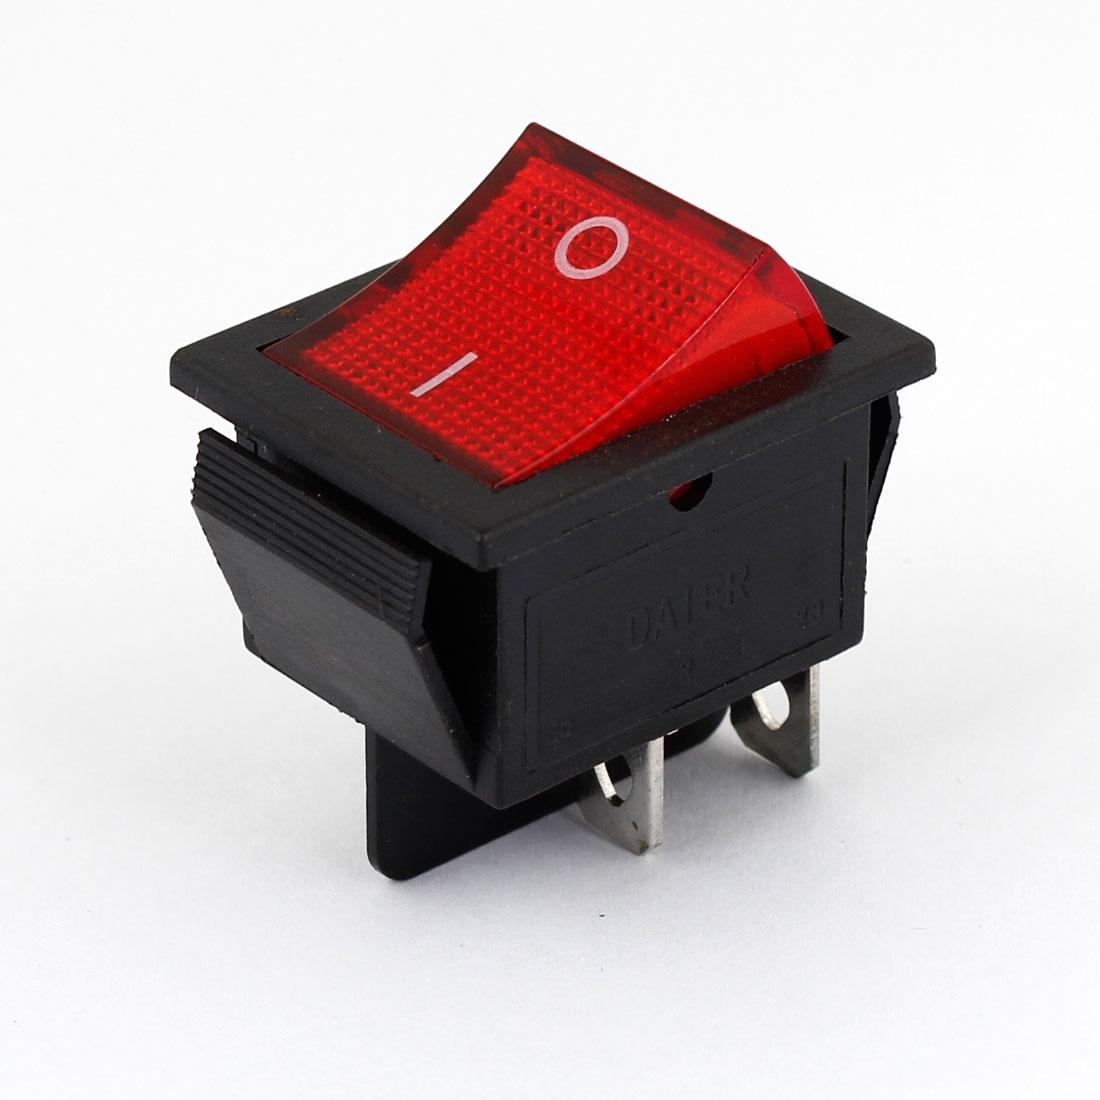 Car AC 16A/250V 20A/125V LED Light 4 Pin 2 Positions ON/OFF Rocker Switch